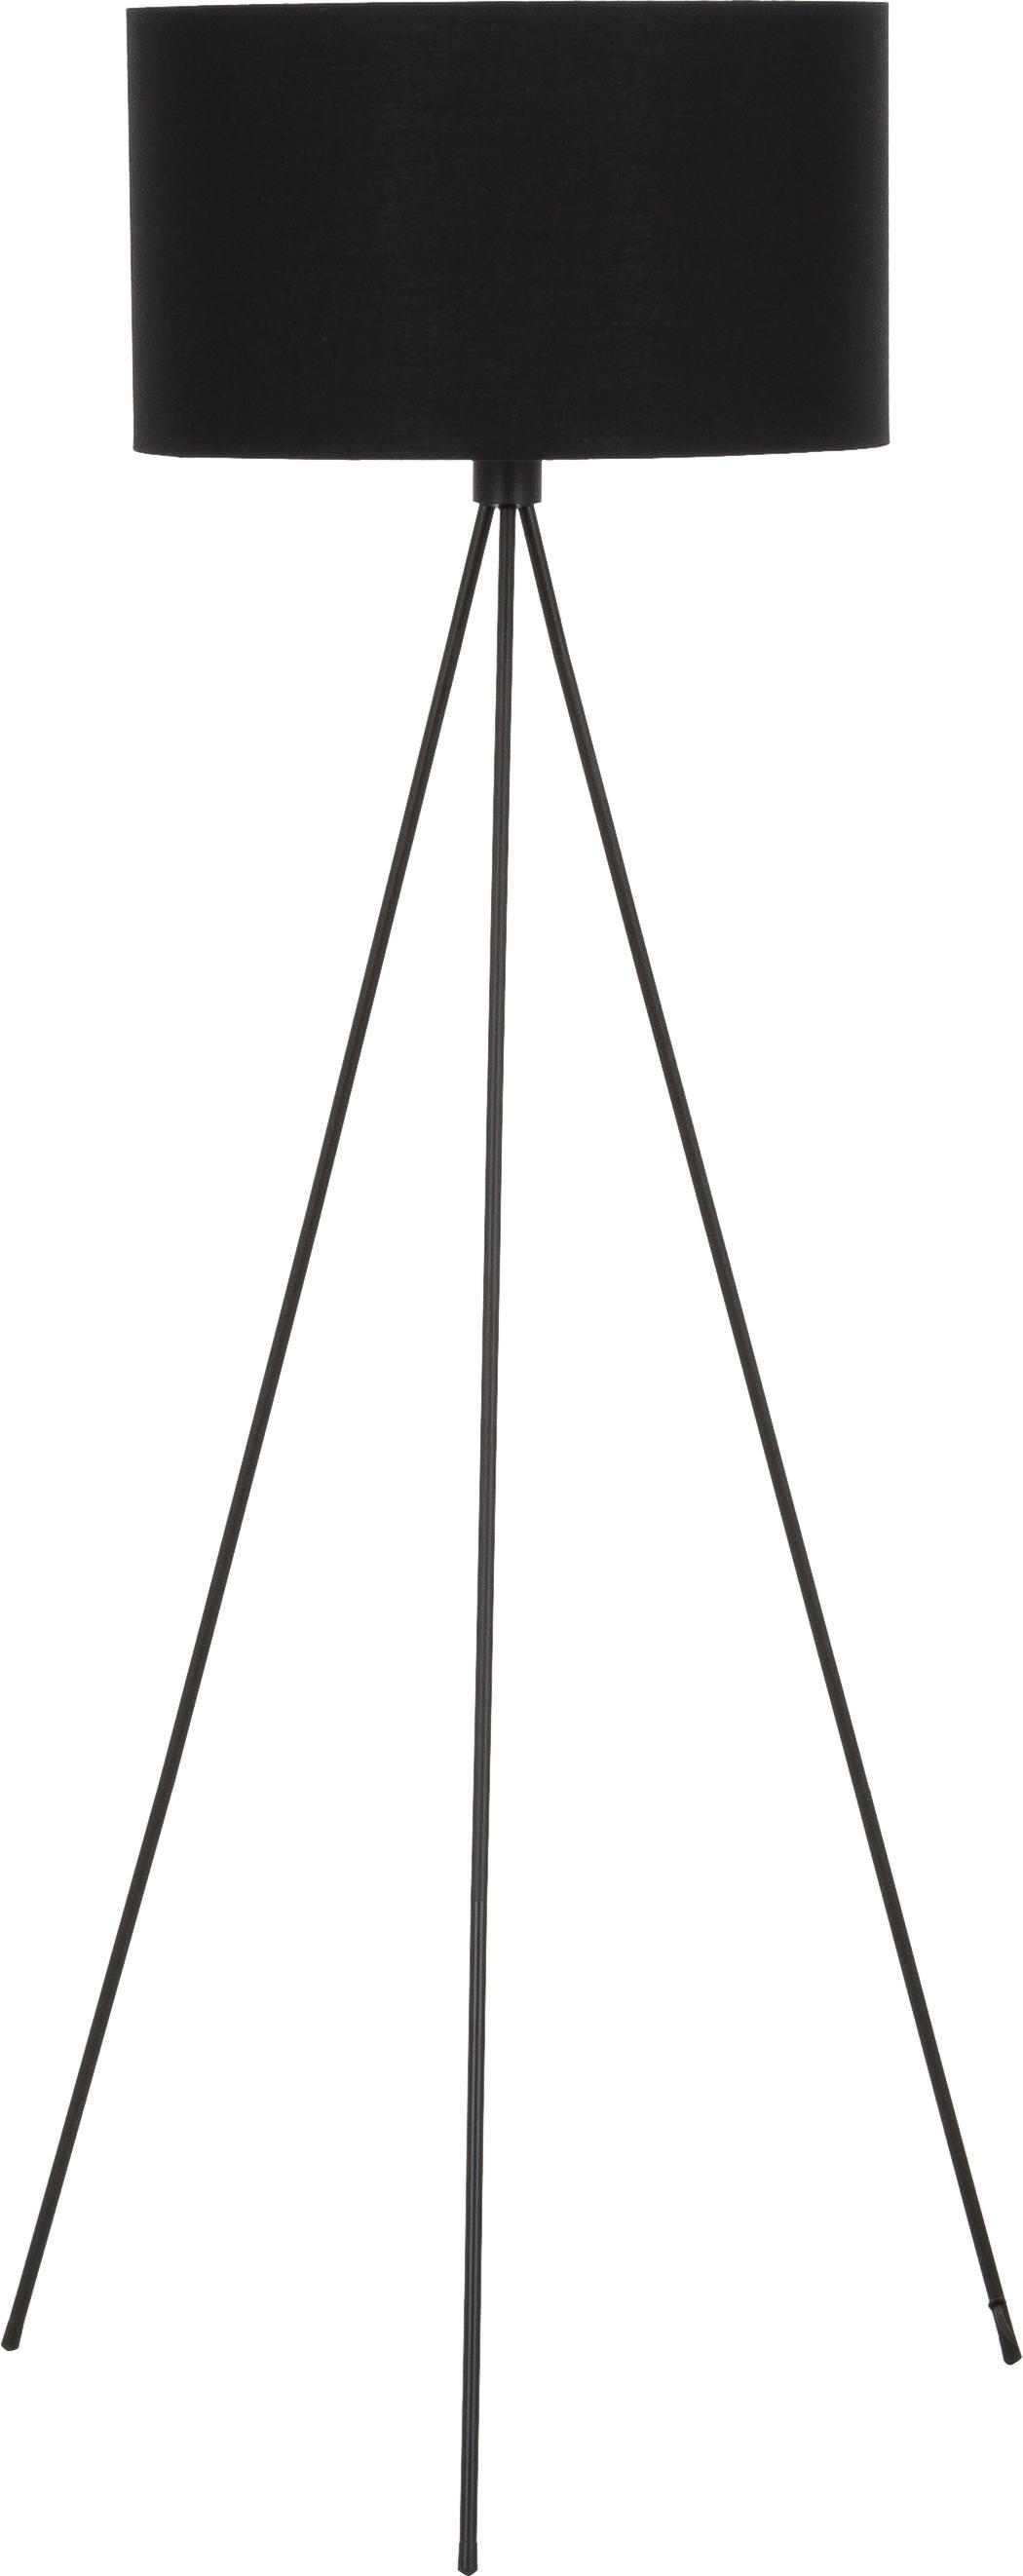 Stehlampe Cella, Lampenschirm: Baumwollgemisch, Schwarz, Ø 45 x H 147 cm